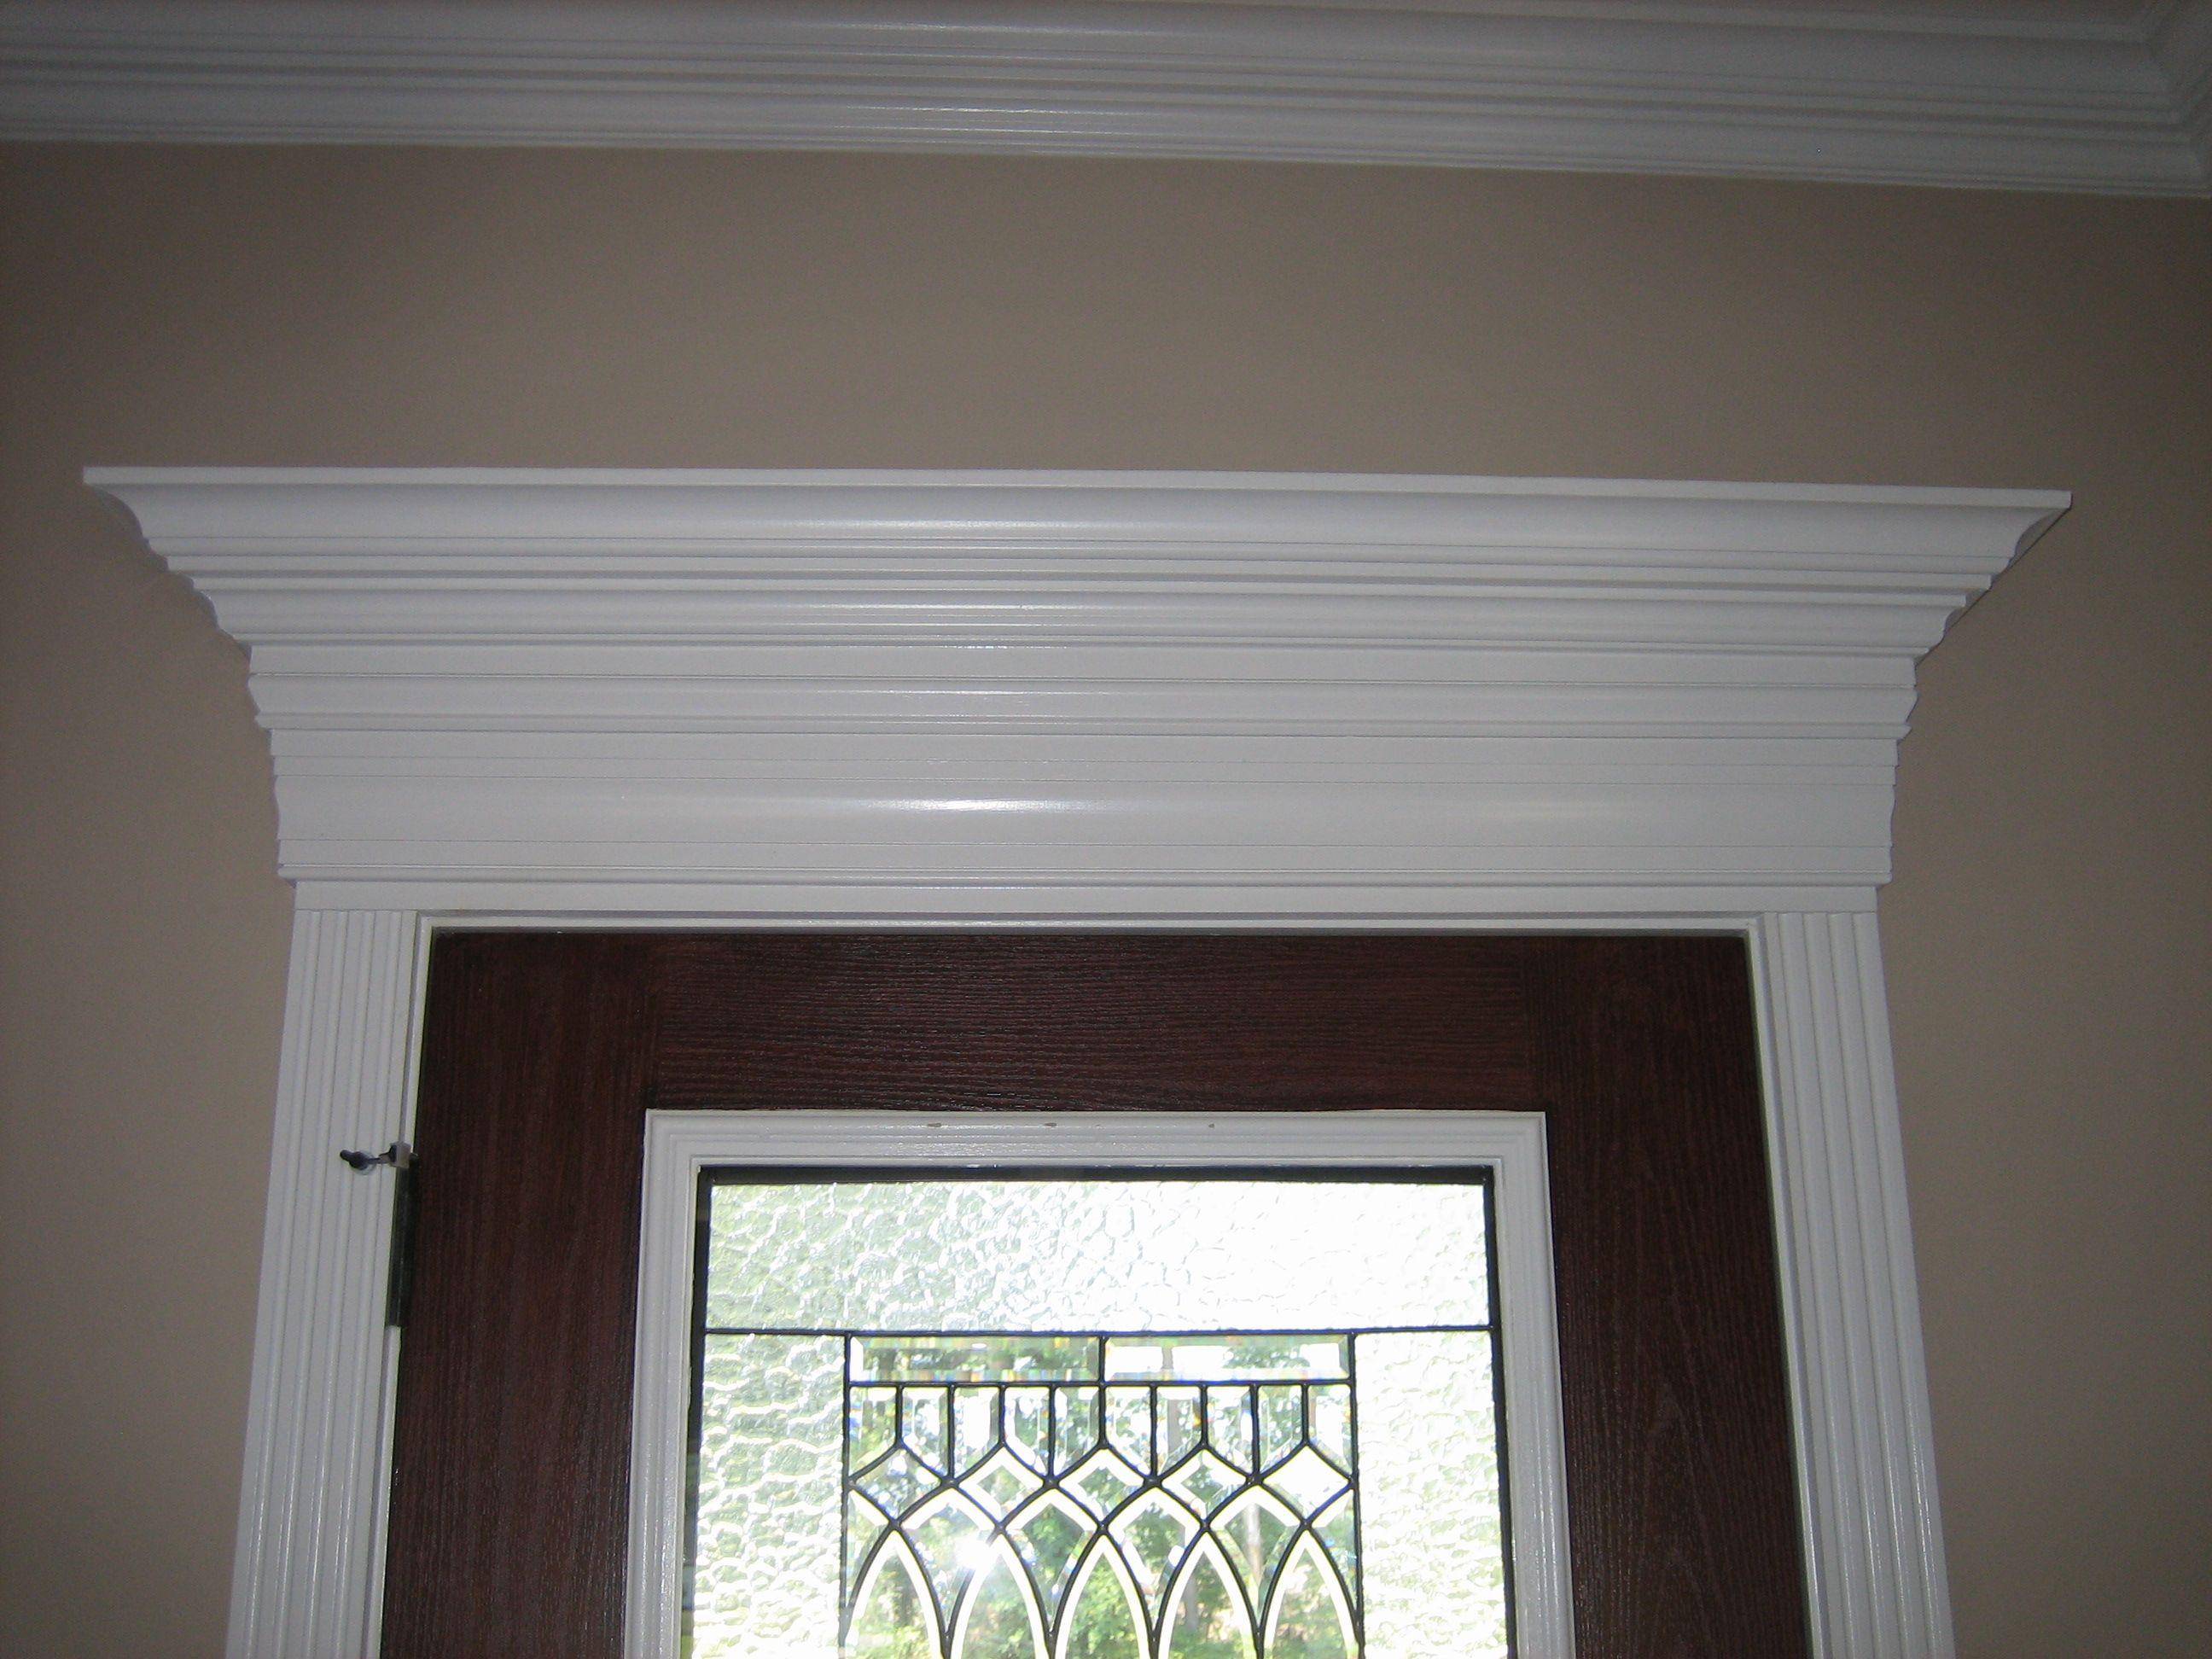 Good-looking Paneled Necking Crosshead Front Door Trim For Midcentury Beveled Glass Entry Half Doors & Good-looking Paneled Necking Crosshead Front Door Trim For ...